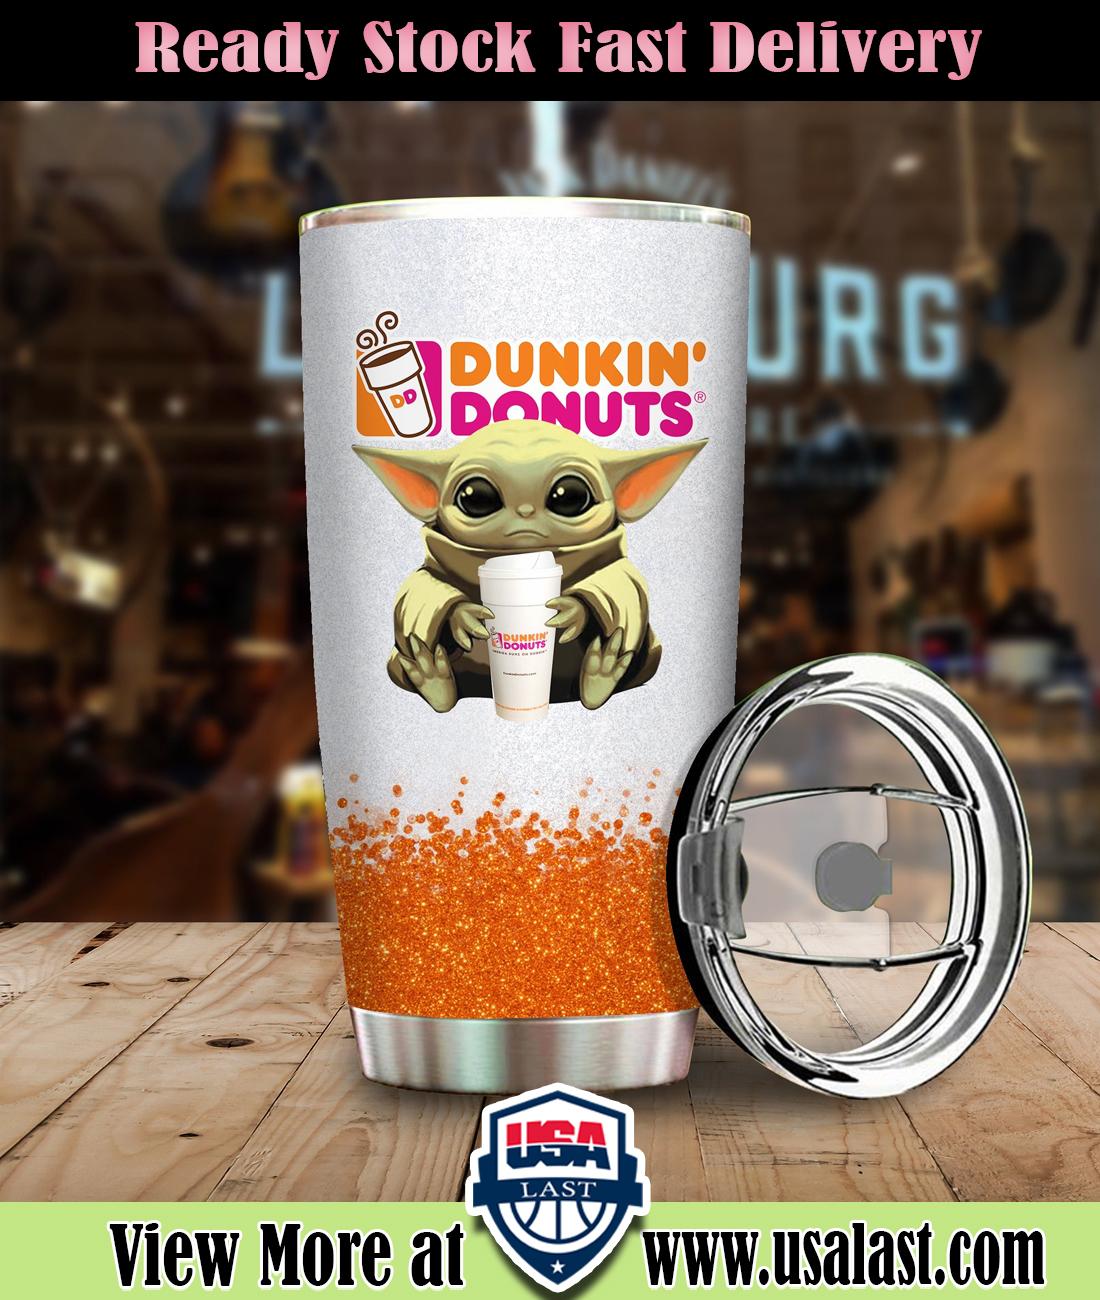 Baby Yoda Holding Dunkin' Donuts Steel Tumbler